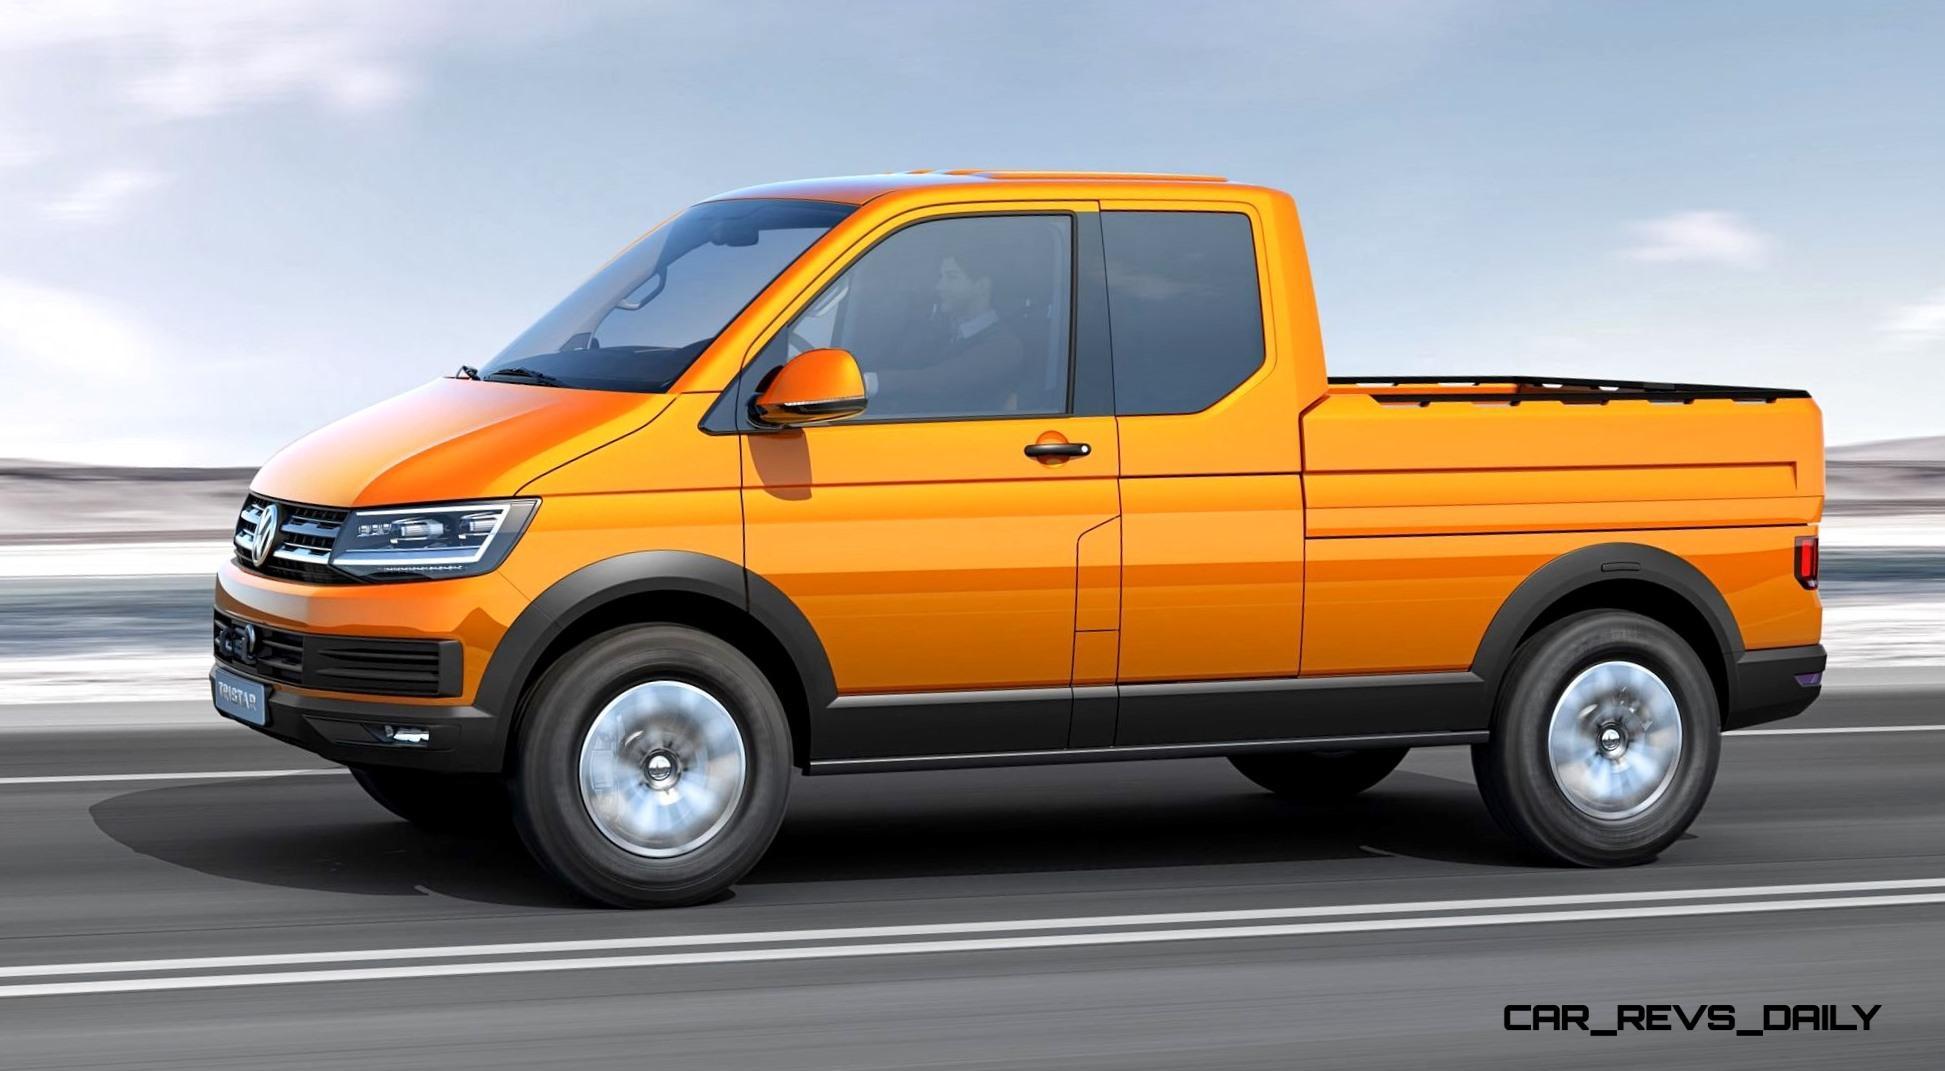 2014 Volkswagen Tristar Is All New Off Road Cargo Van With